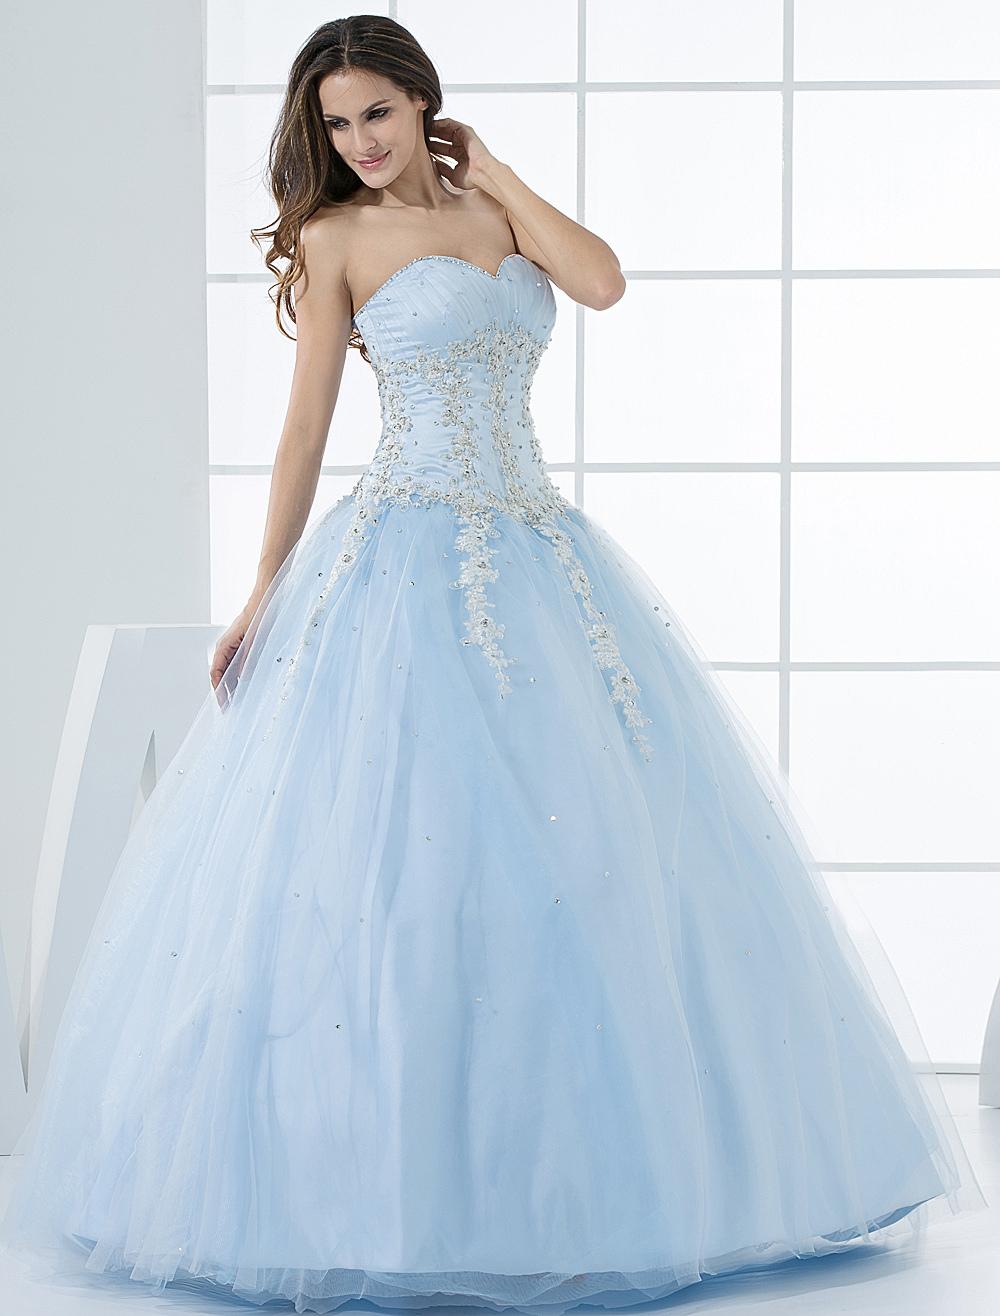 Prinzessin Brautkleider Pastell Blau Quinceanera Kleid Spitze ...